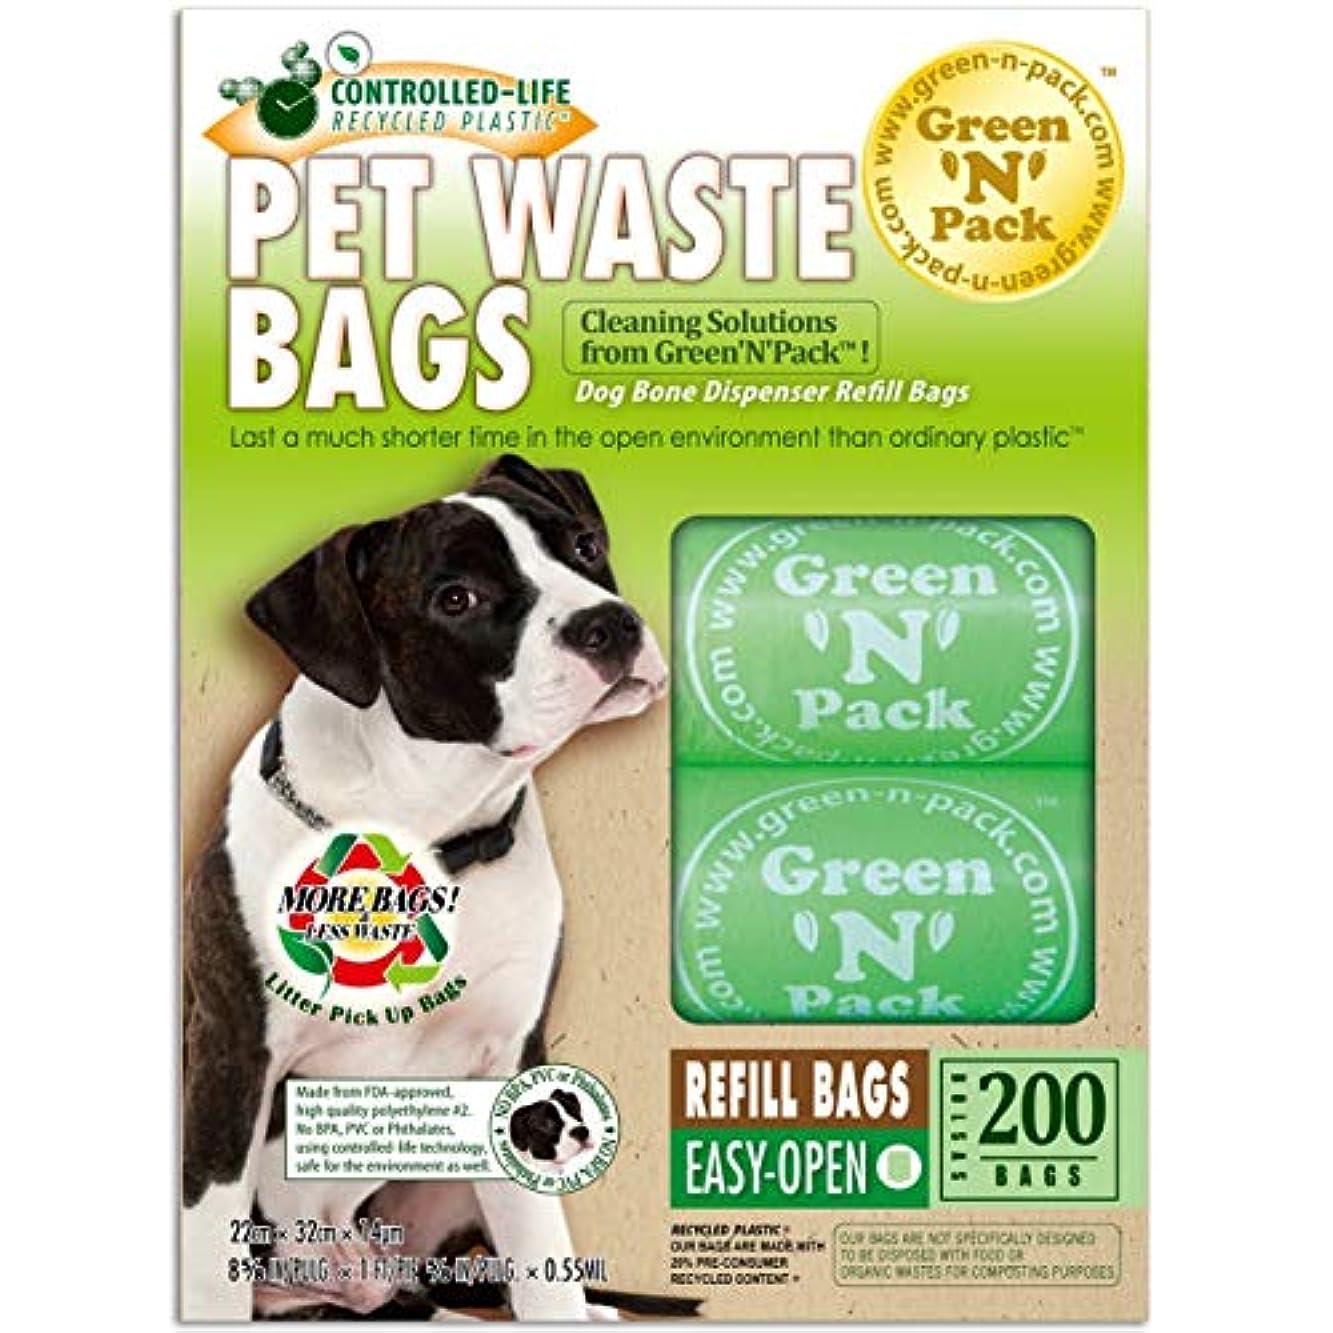 特異な吸収剤最後のGreen 'N' Pack Eco Friendly Bags - 犬Pooは日 75 パックを袋に入れる - 200バッグ